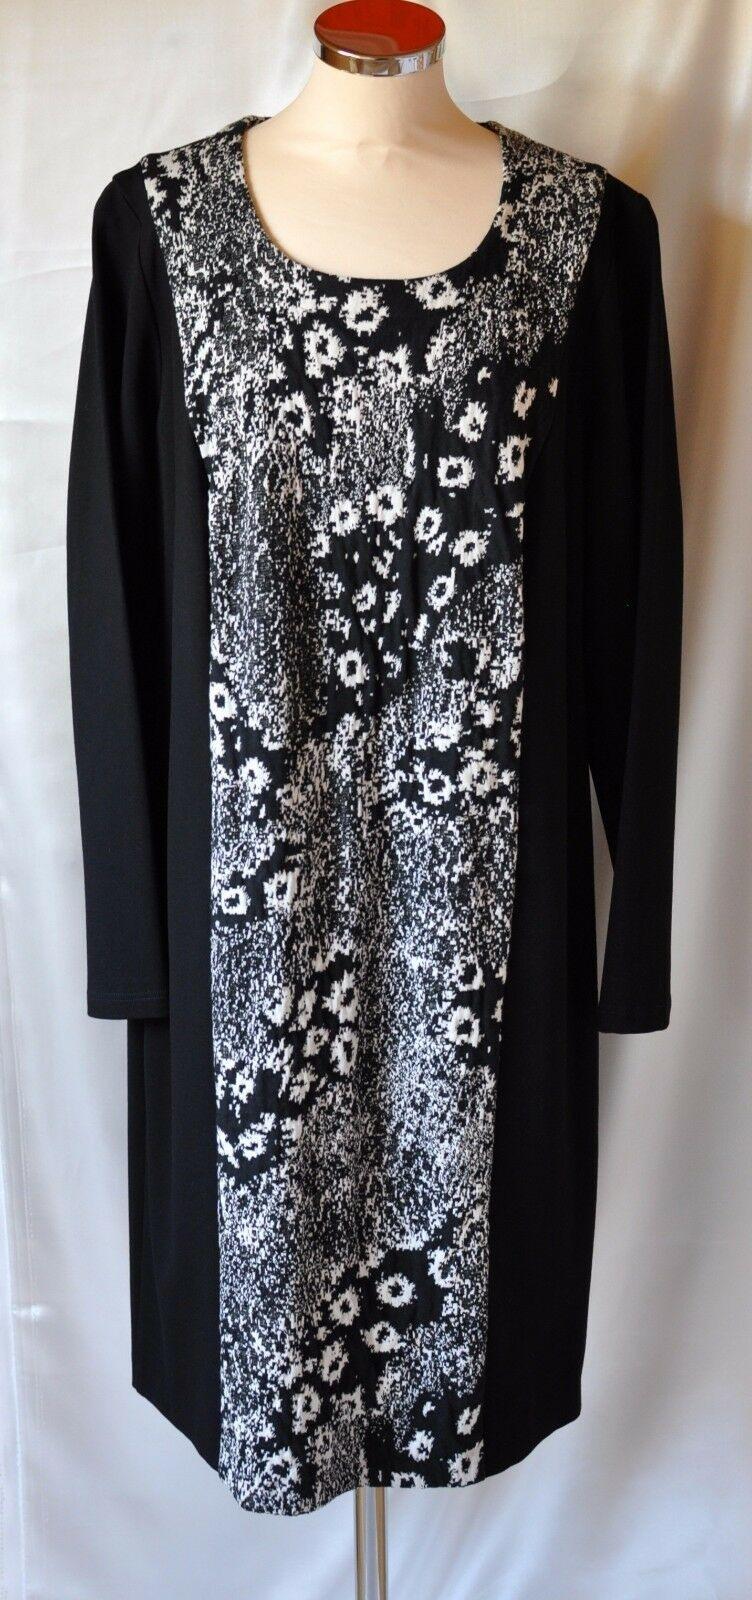 13 Luxurius Kleid 48 Galerie17 Erstaunlich Kleid 48 Boutique